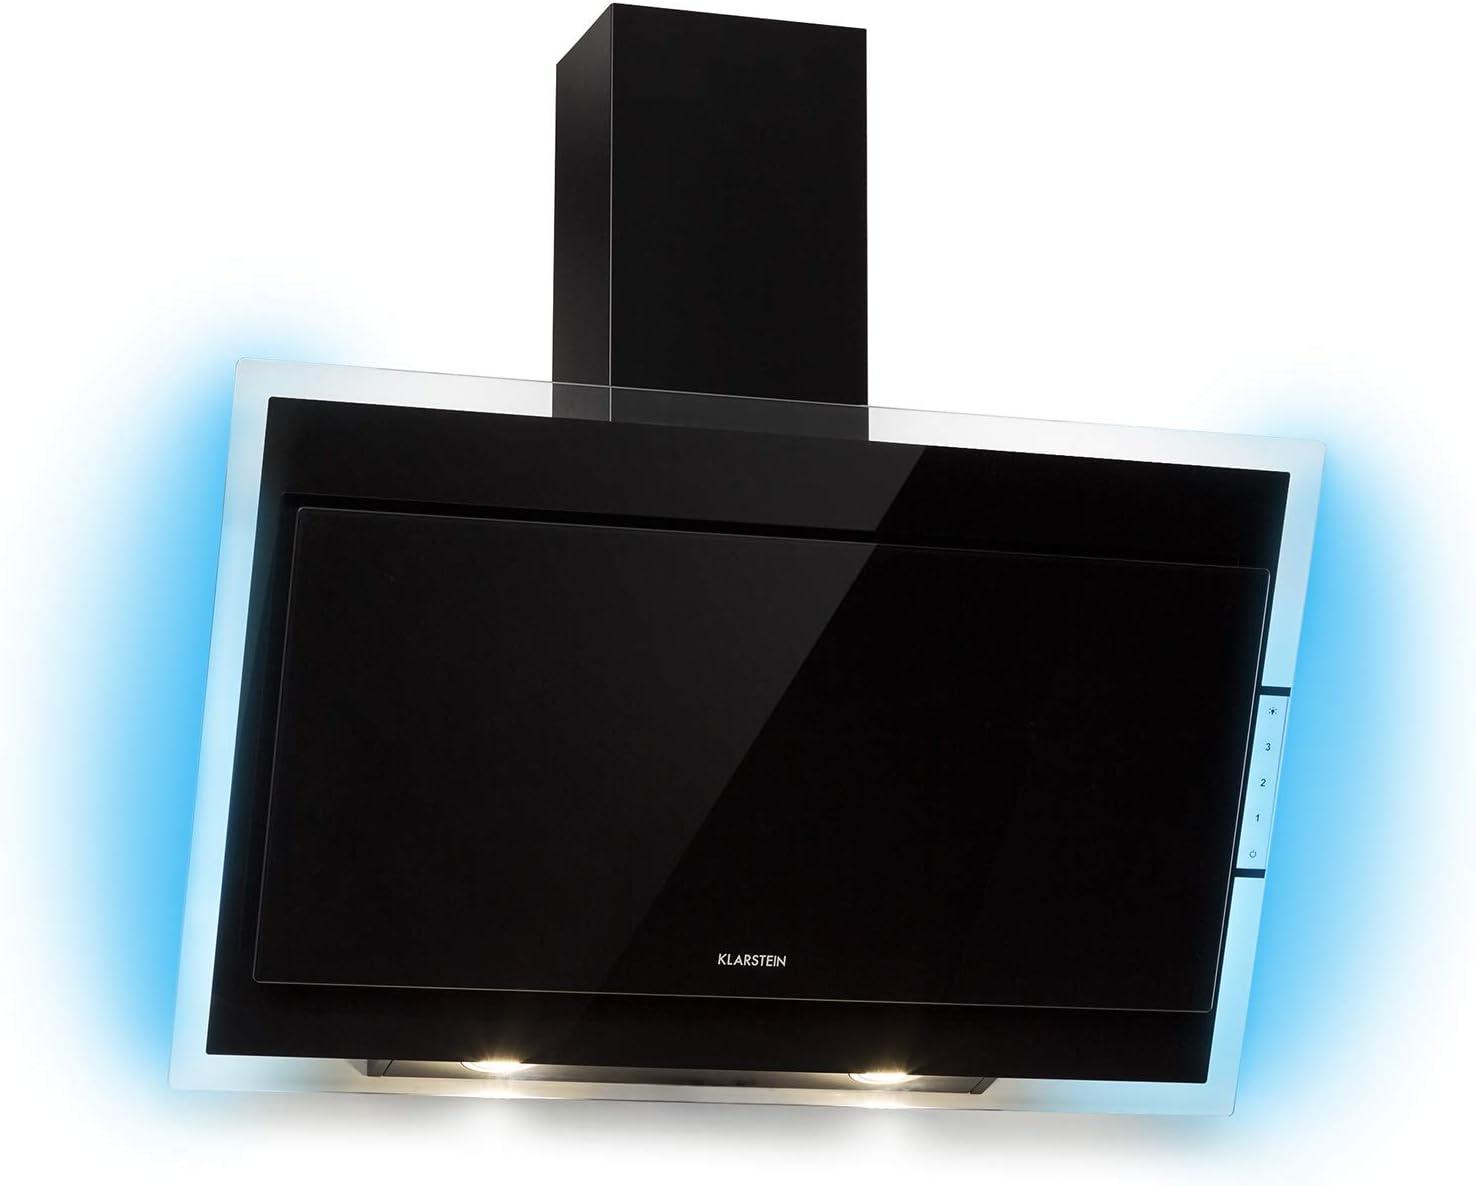 Klarstein Mirage 90 • campana extractora de cocina • campana extractora de pared • 90 cm • alcance aire de escape: 550 M3/h • Clase A • panel táctil • excelencia Eco • Luz RGB • Cristal • Negro: Amazon.es: Hogar